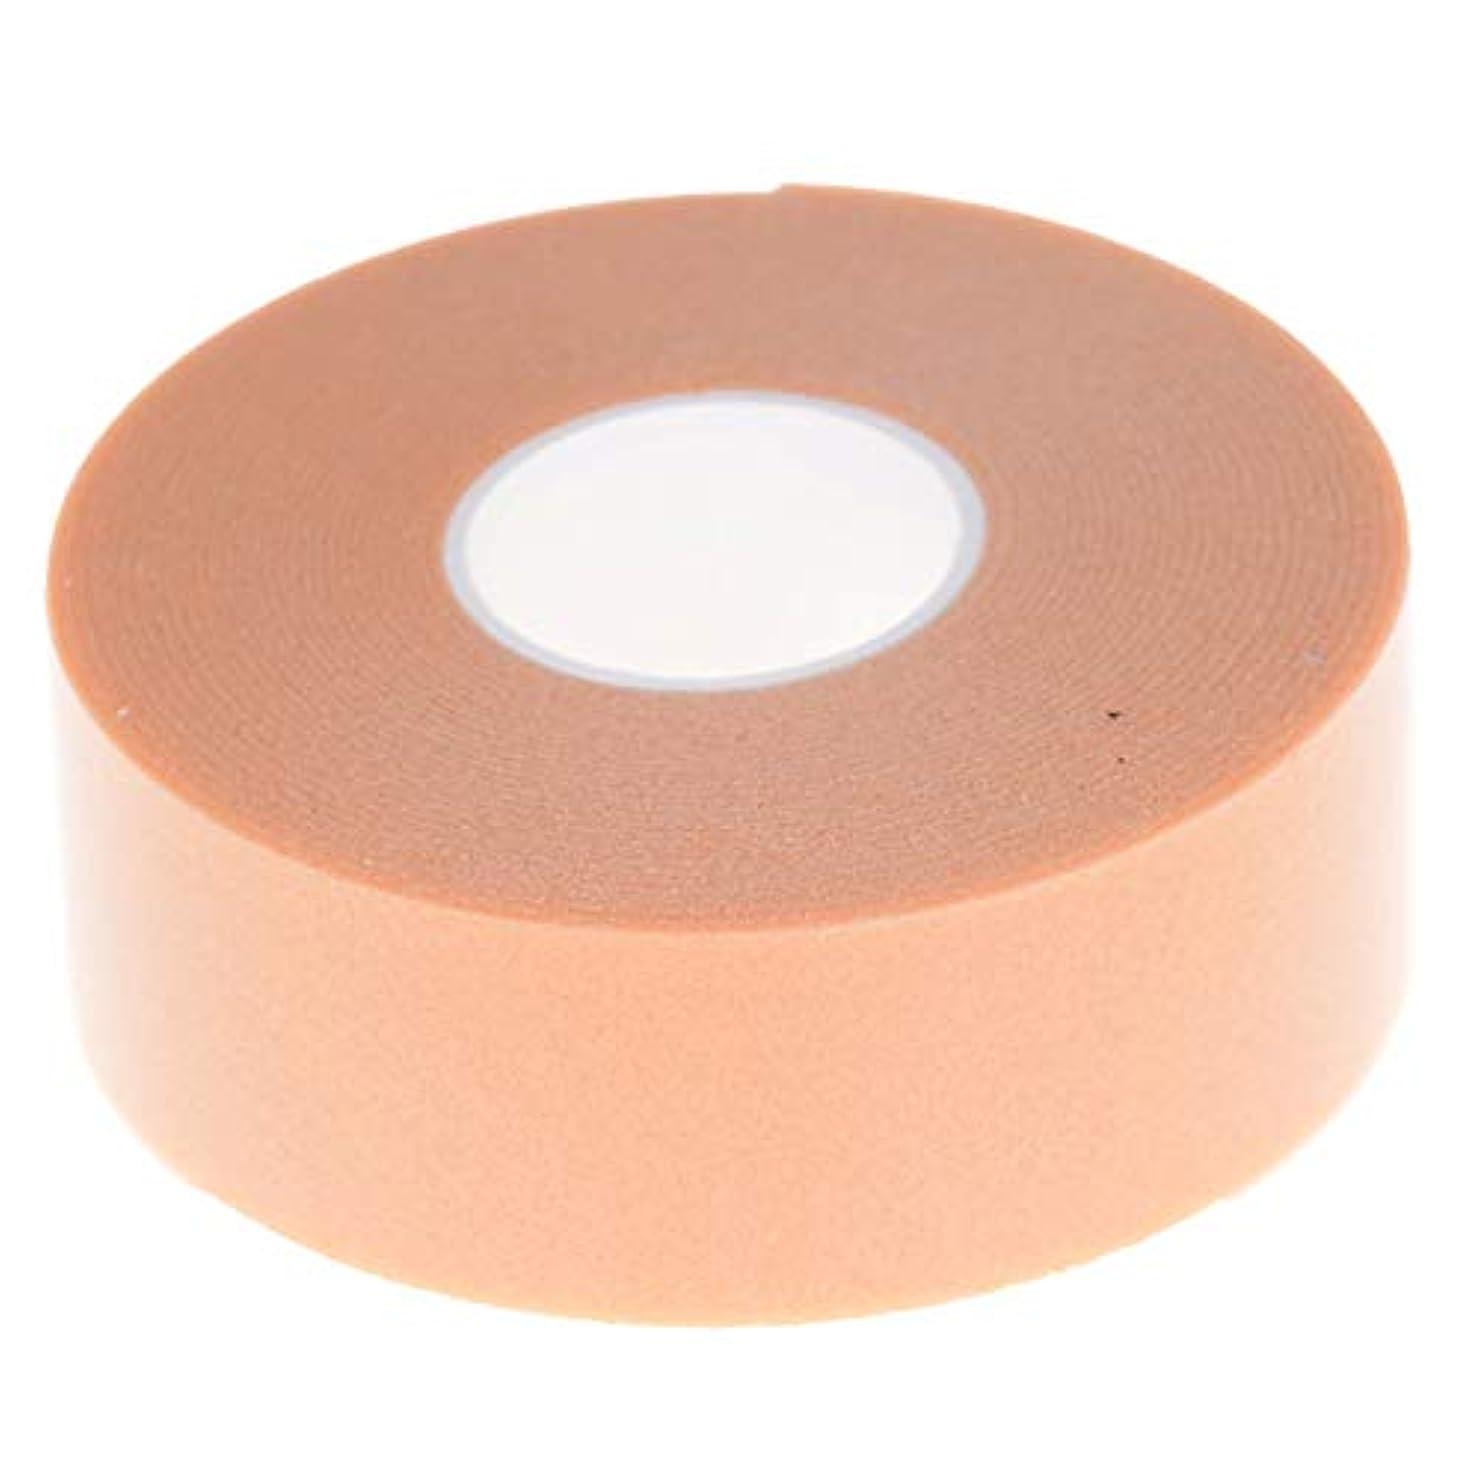 すり減る煩わしい手順Heel Tape 1 Roll Blister Sticker Shoes Multifunction Wear Resistant Heel Tape Waterproof